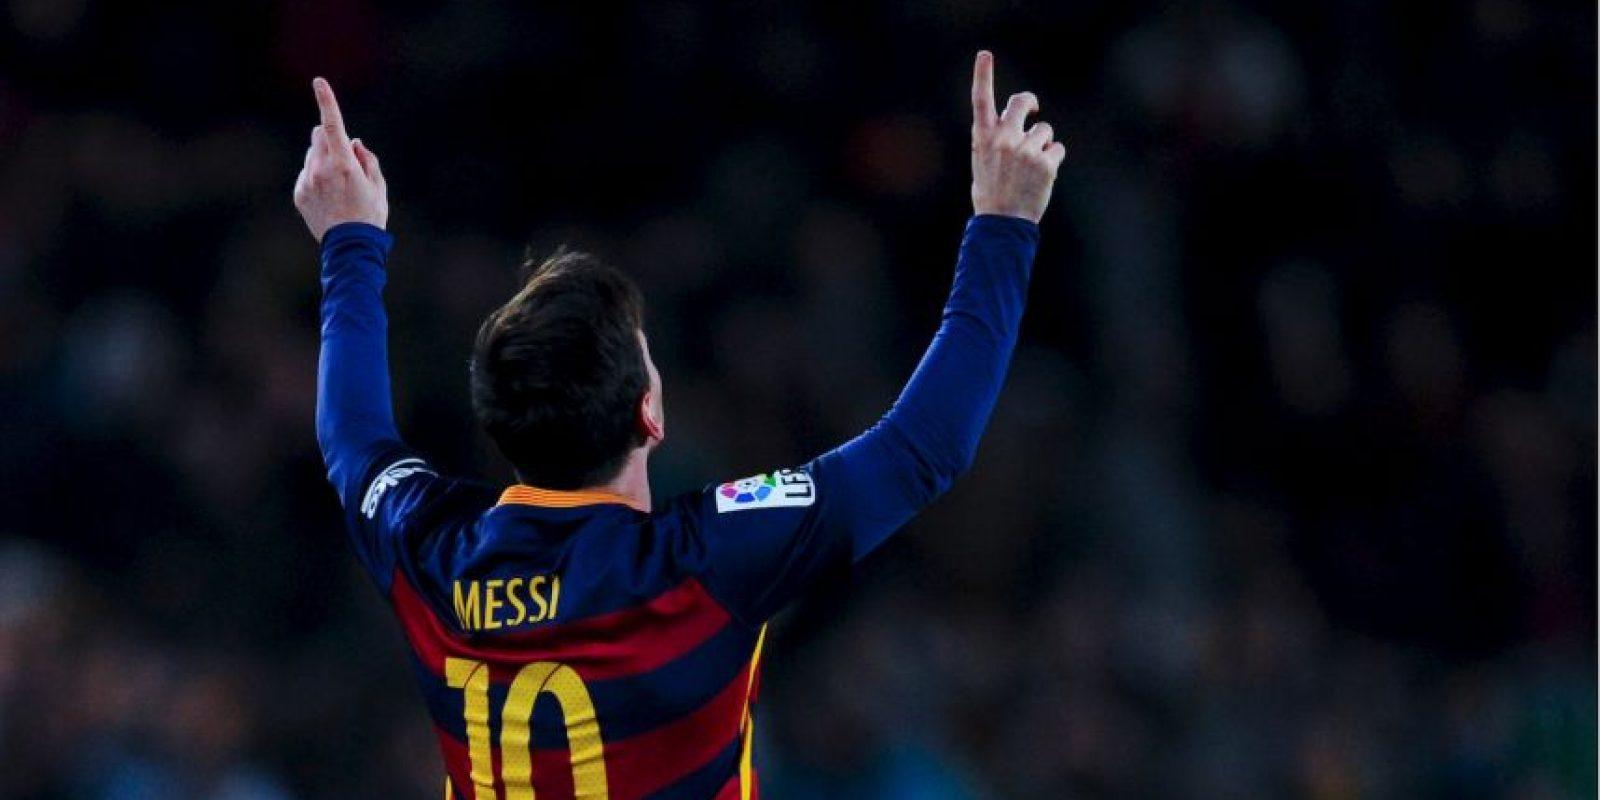 Messi es el gran favorito para llevarse el premio Foto:Getty Images